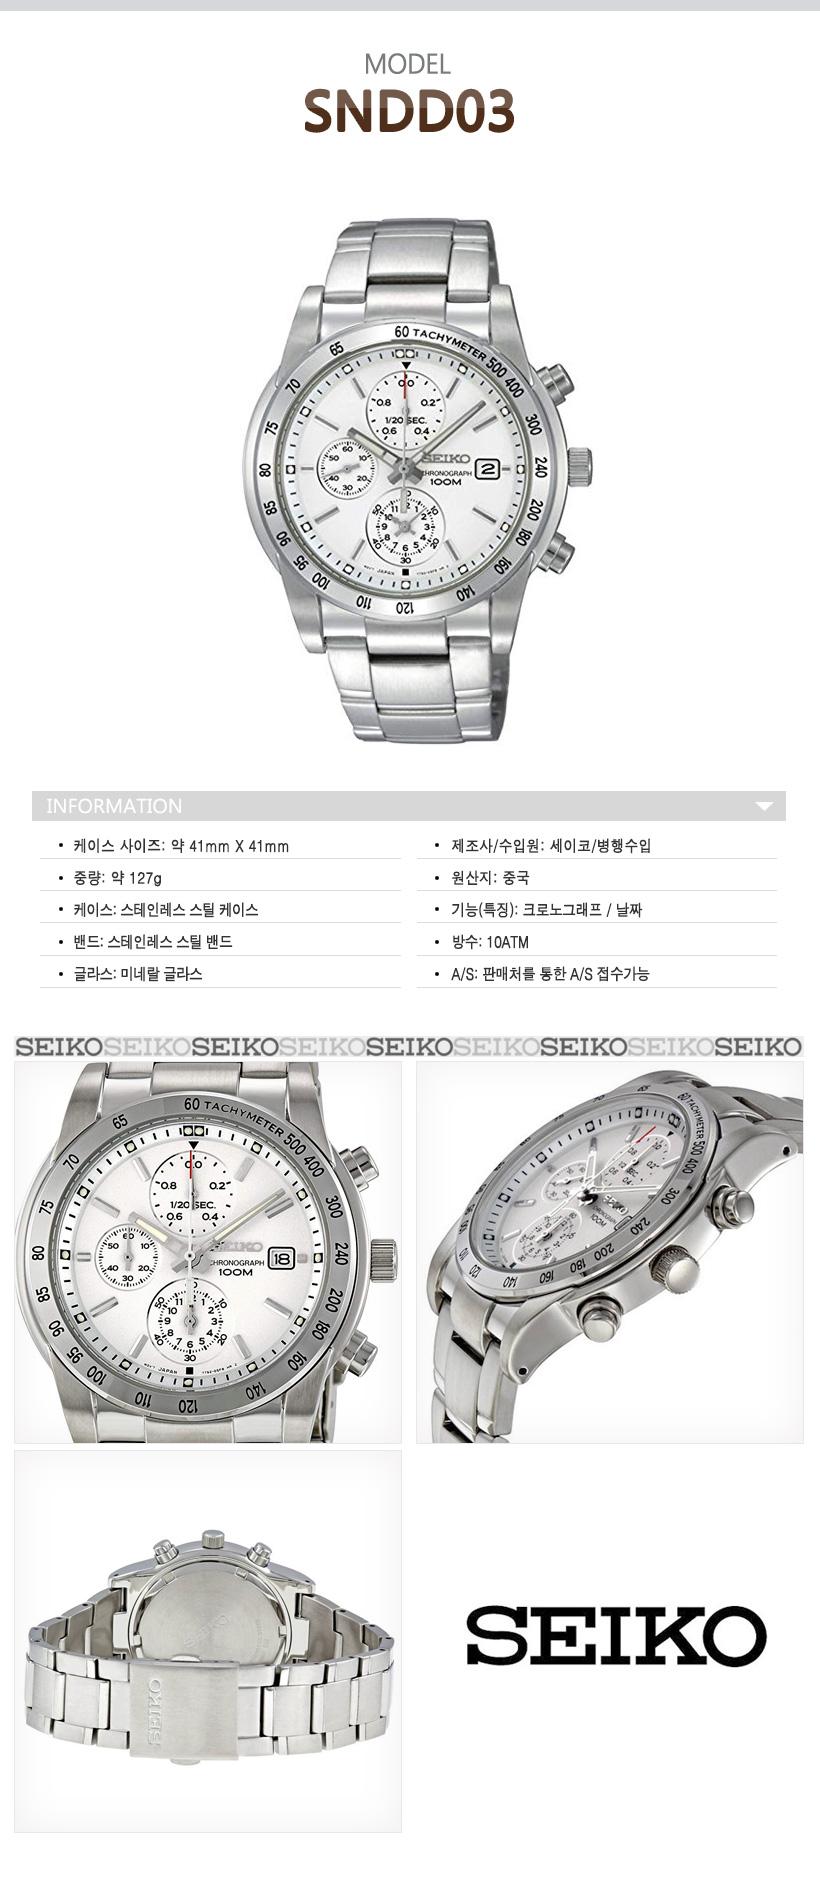 세이코(SEIKO) 남성메탈시계 SNDD03 (병행수입)